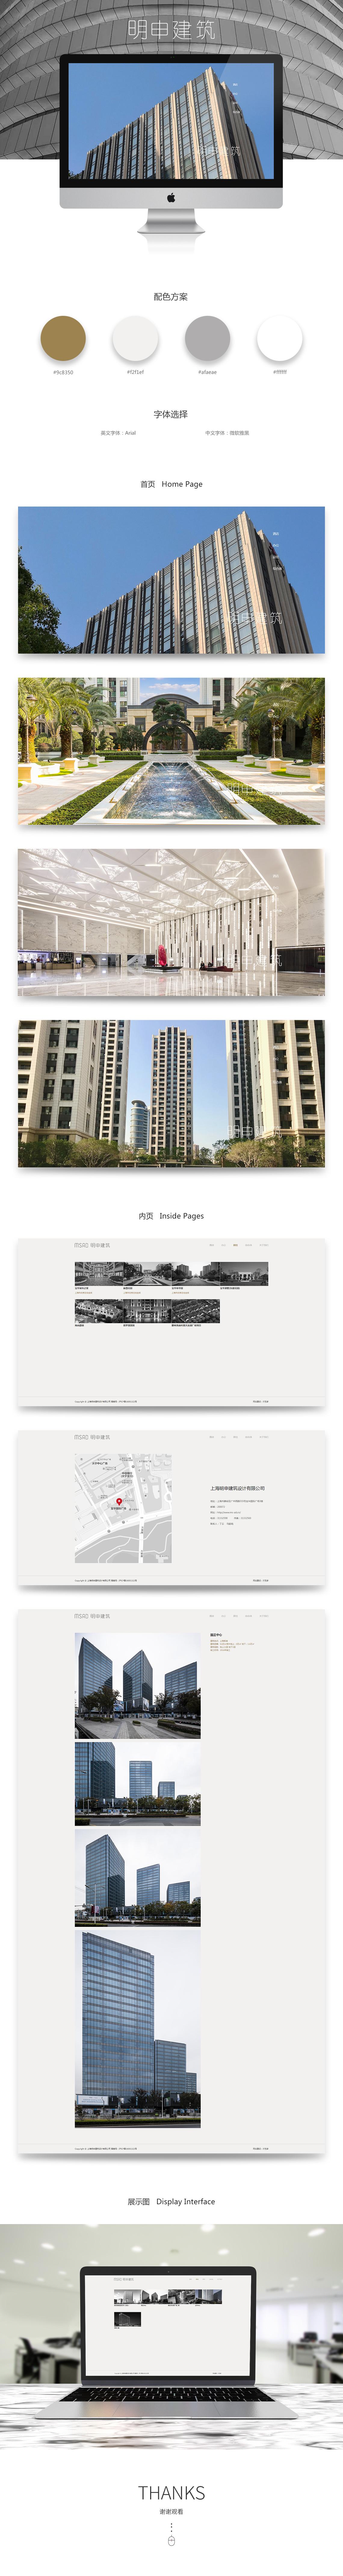 公司案例展示2018-29上海明申建筑设计有限公司